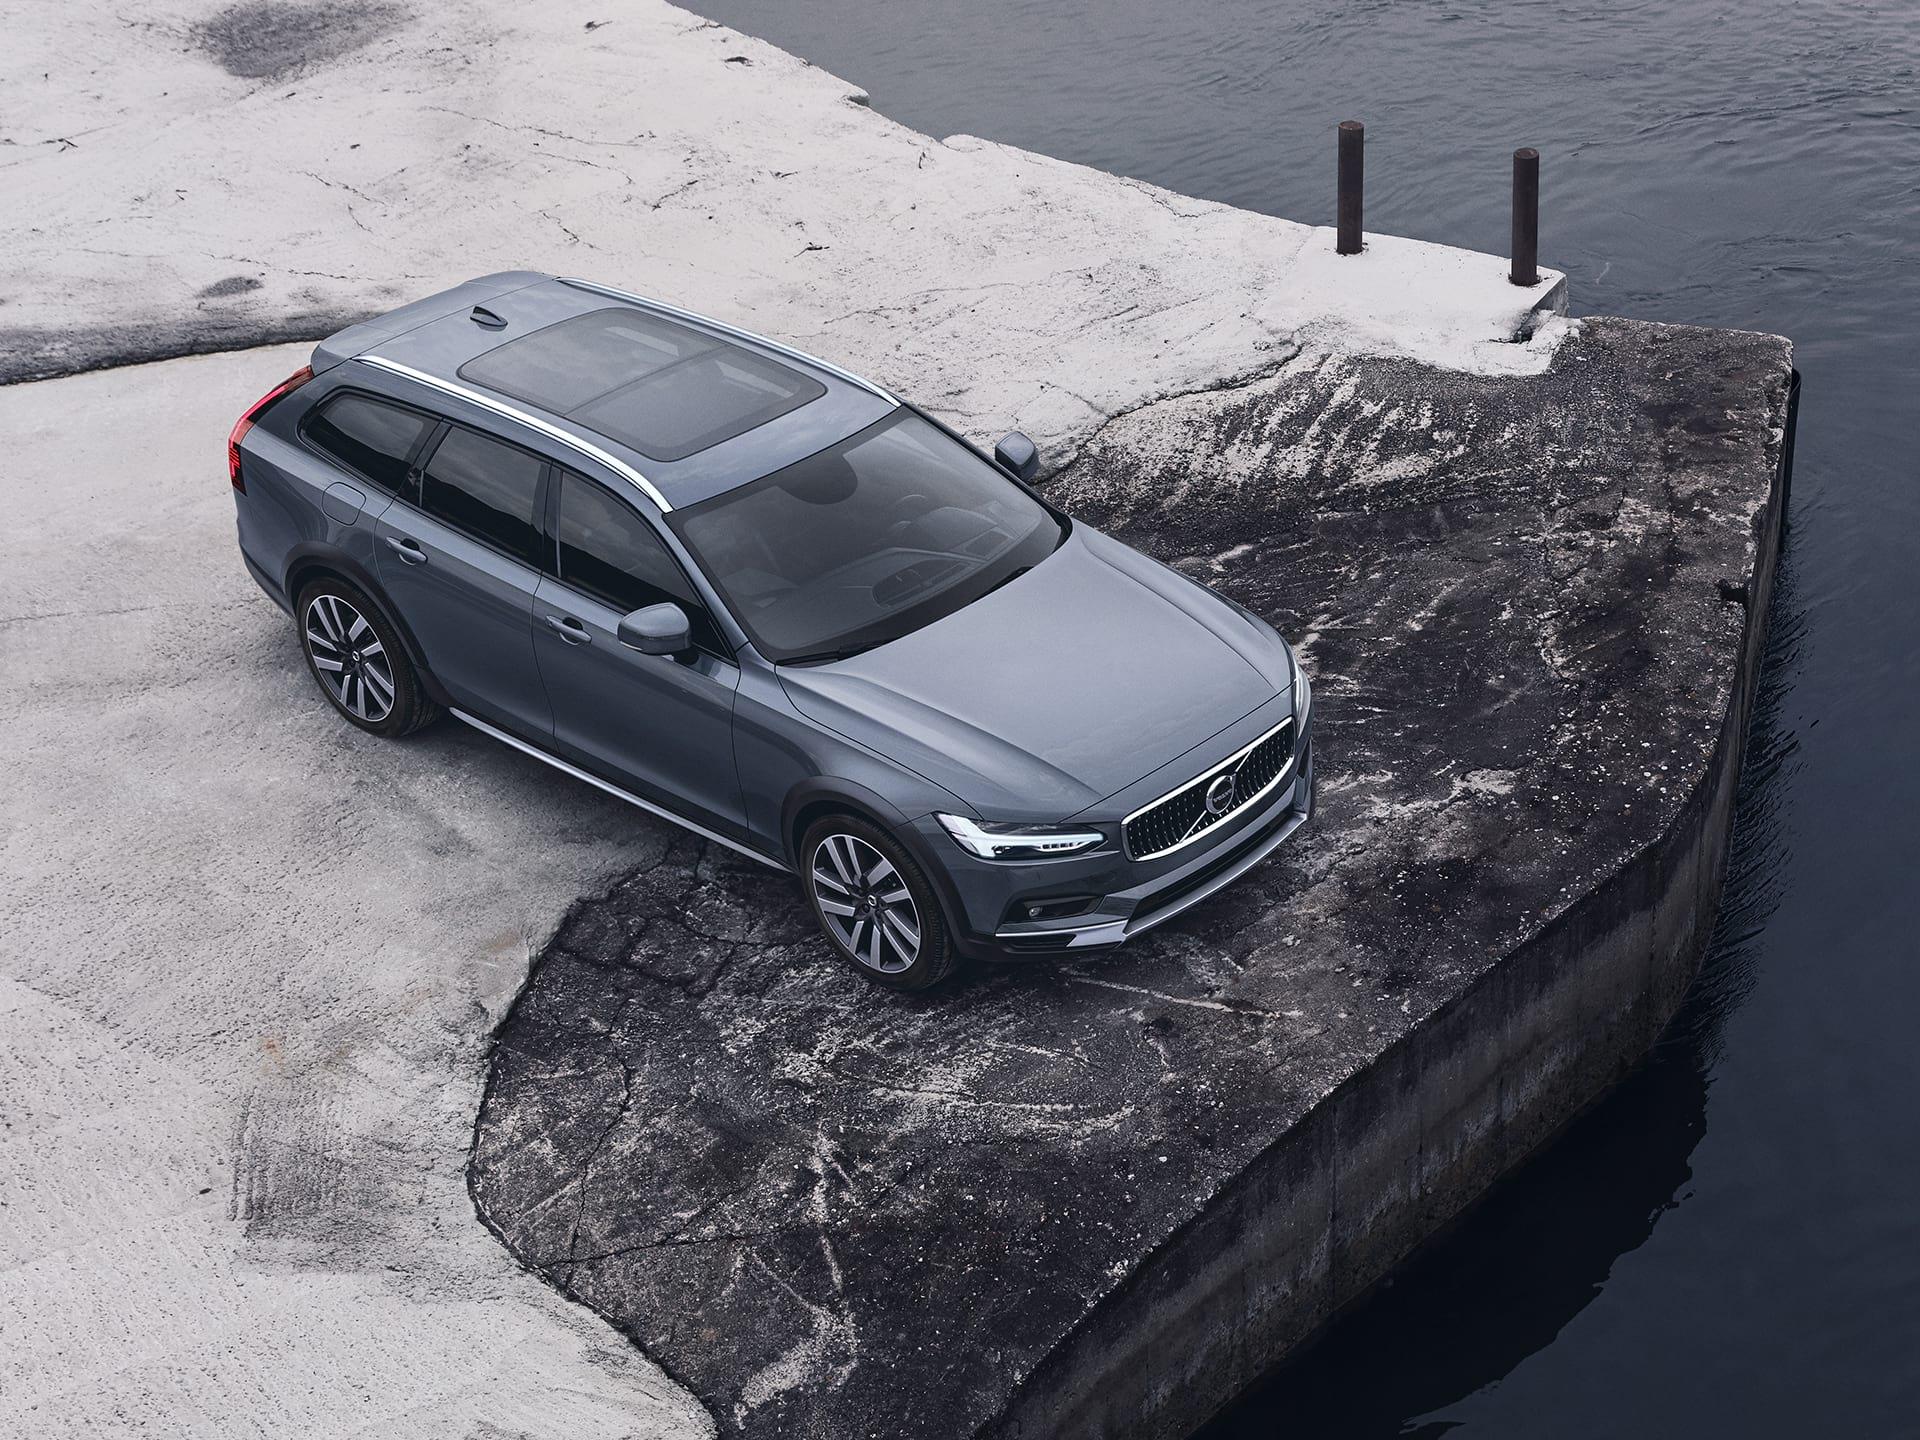 Ein blauer Volvo V90 Cross Country ist in der Nähe des Wassers geparkt.